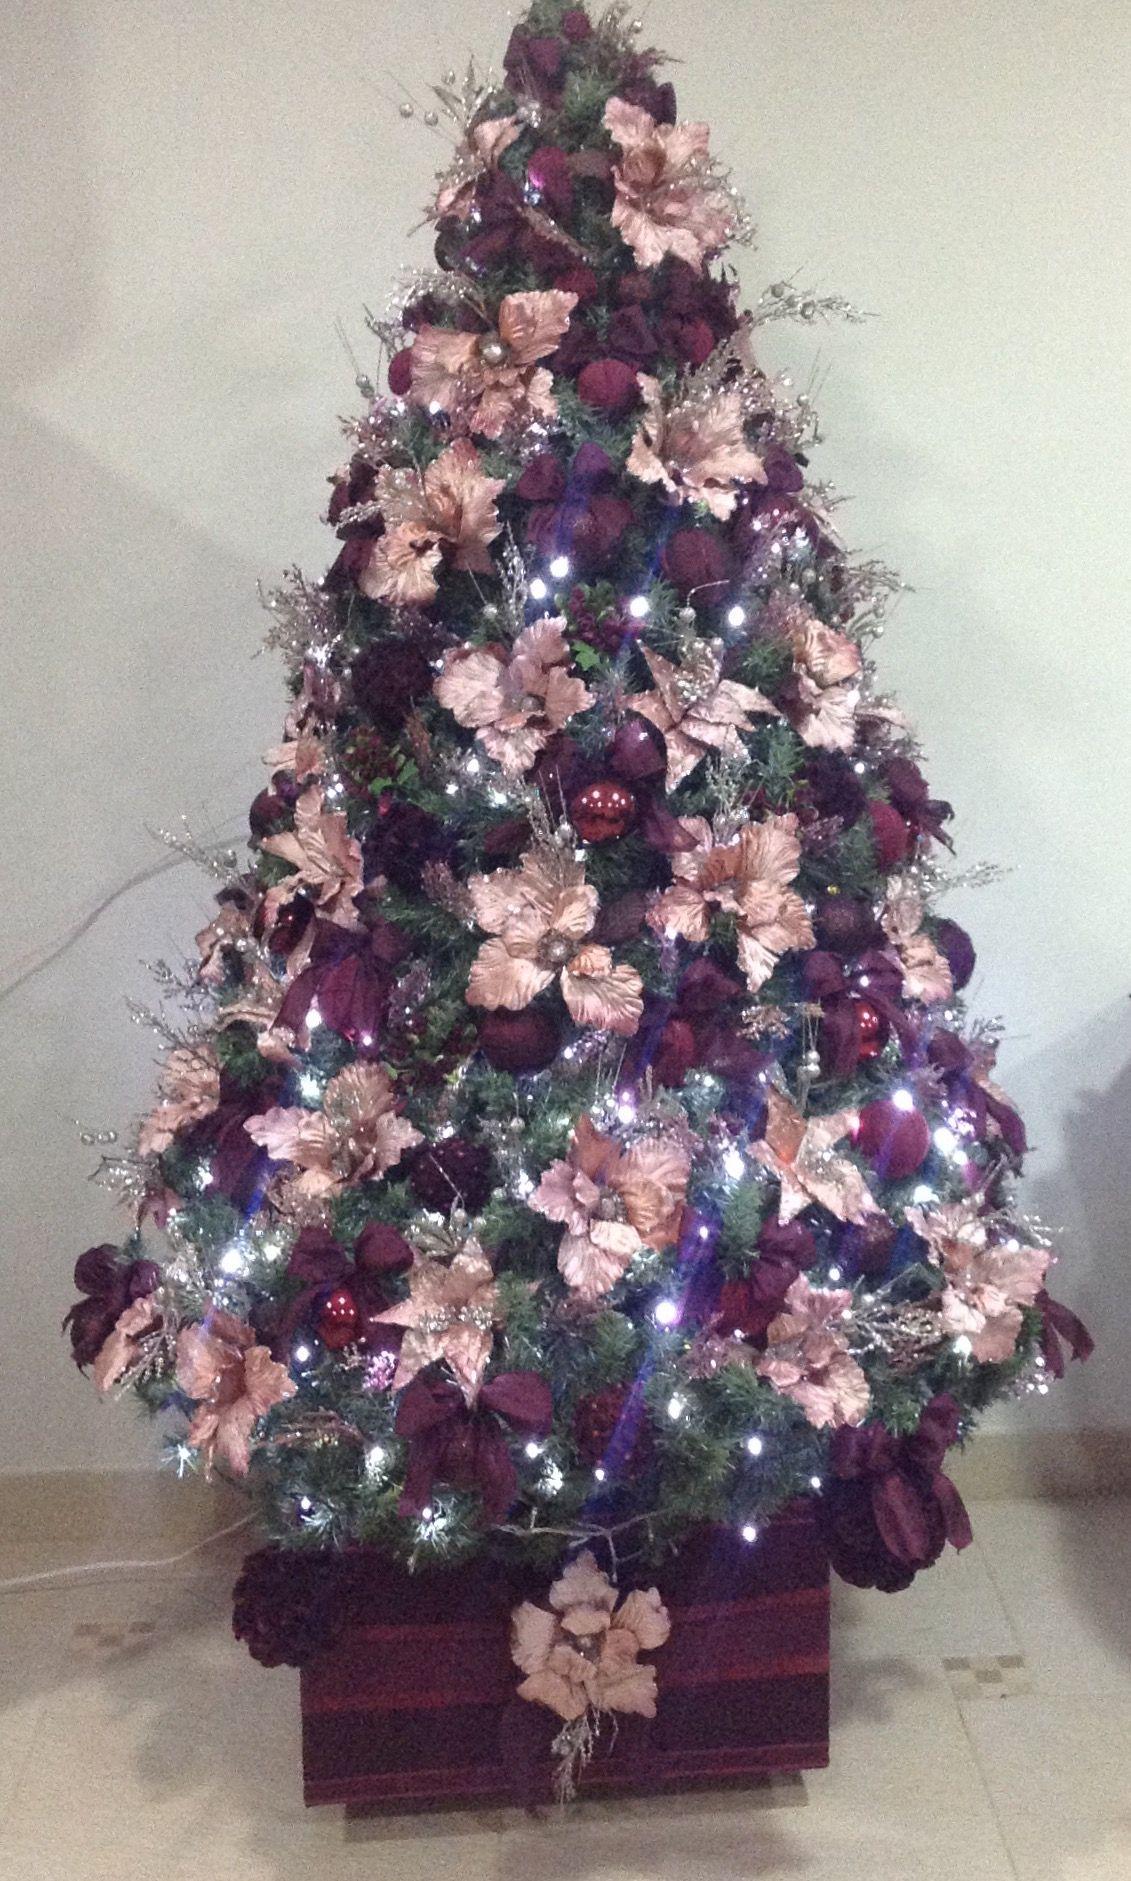 Árvore de Natal com bolas artesanais e flores